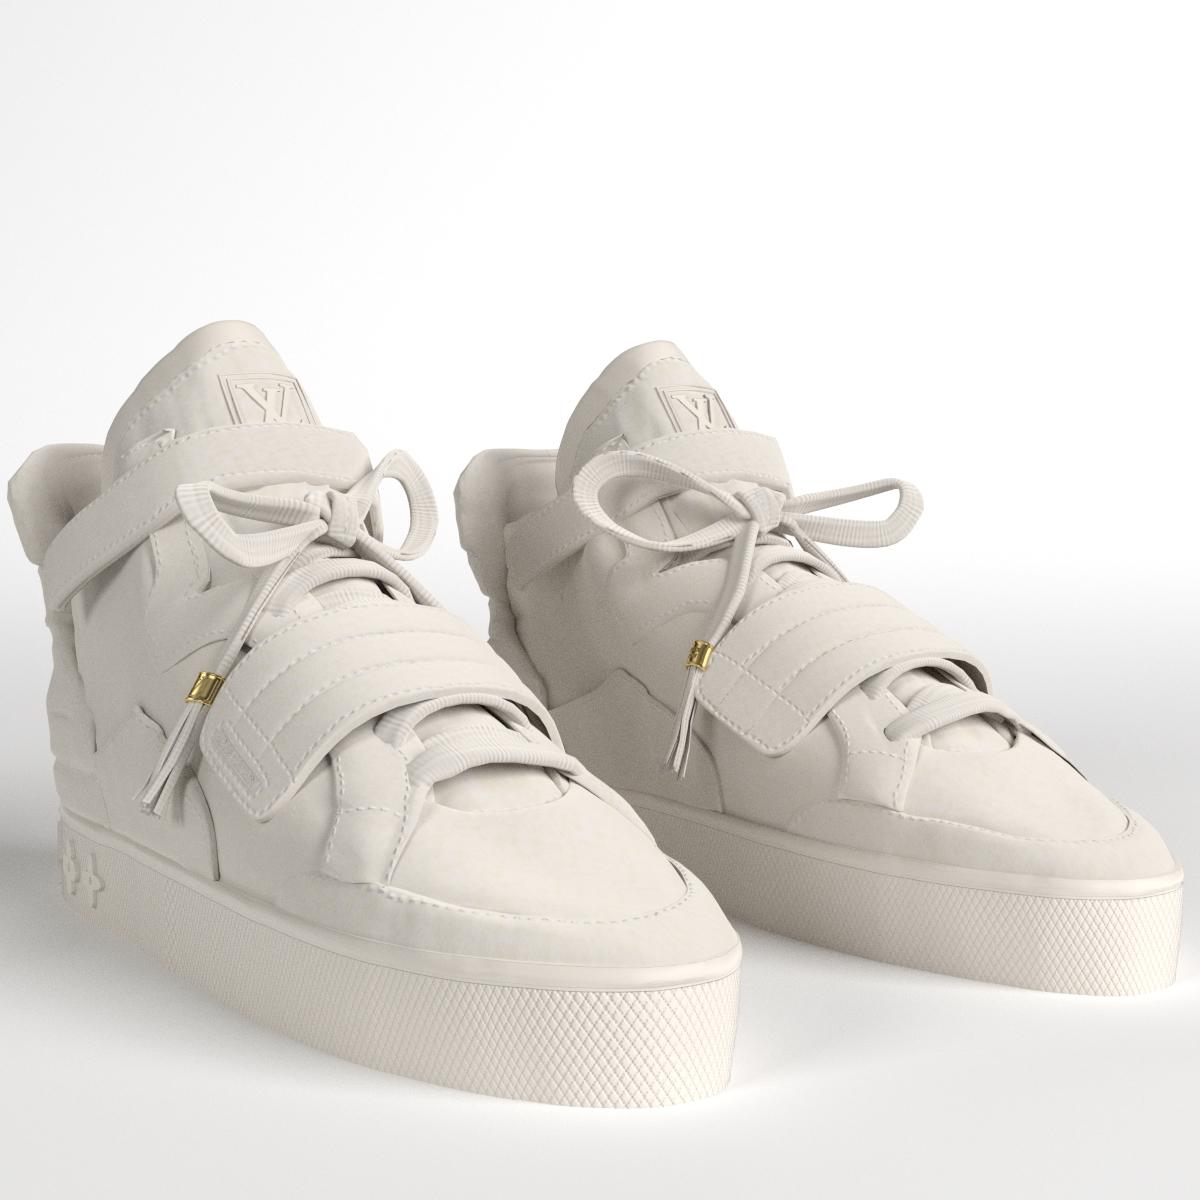 0_1507789472262_jaspers-3-pairs---0001.jpg